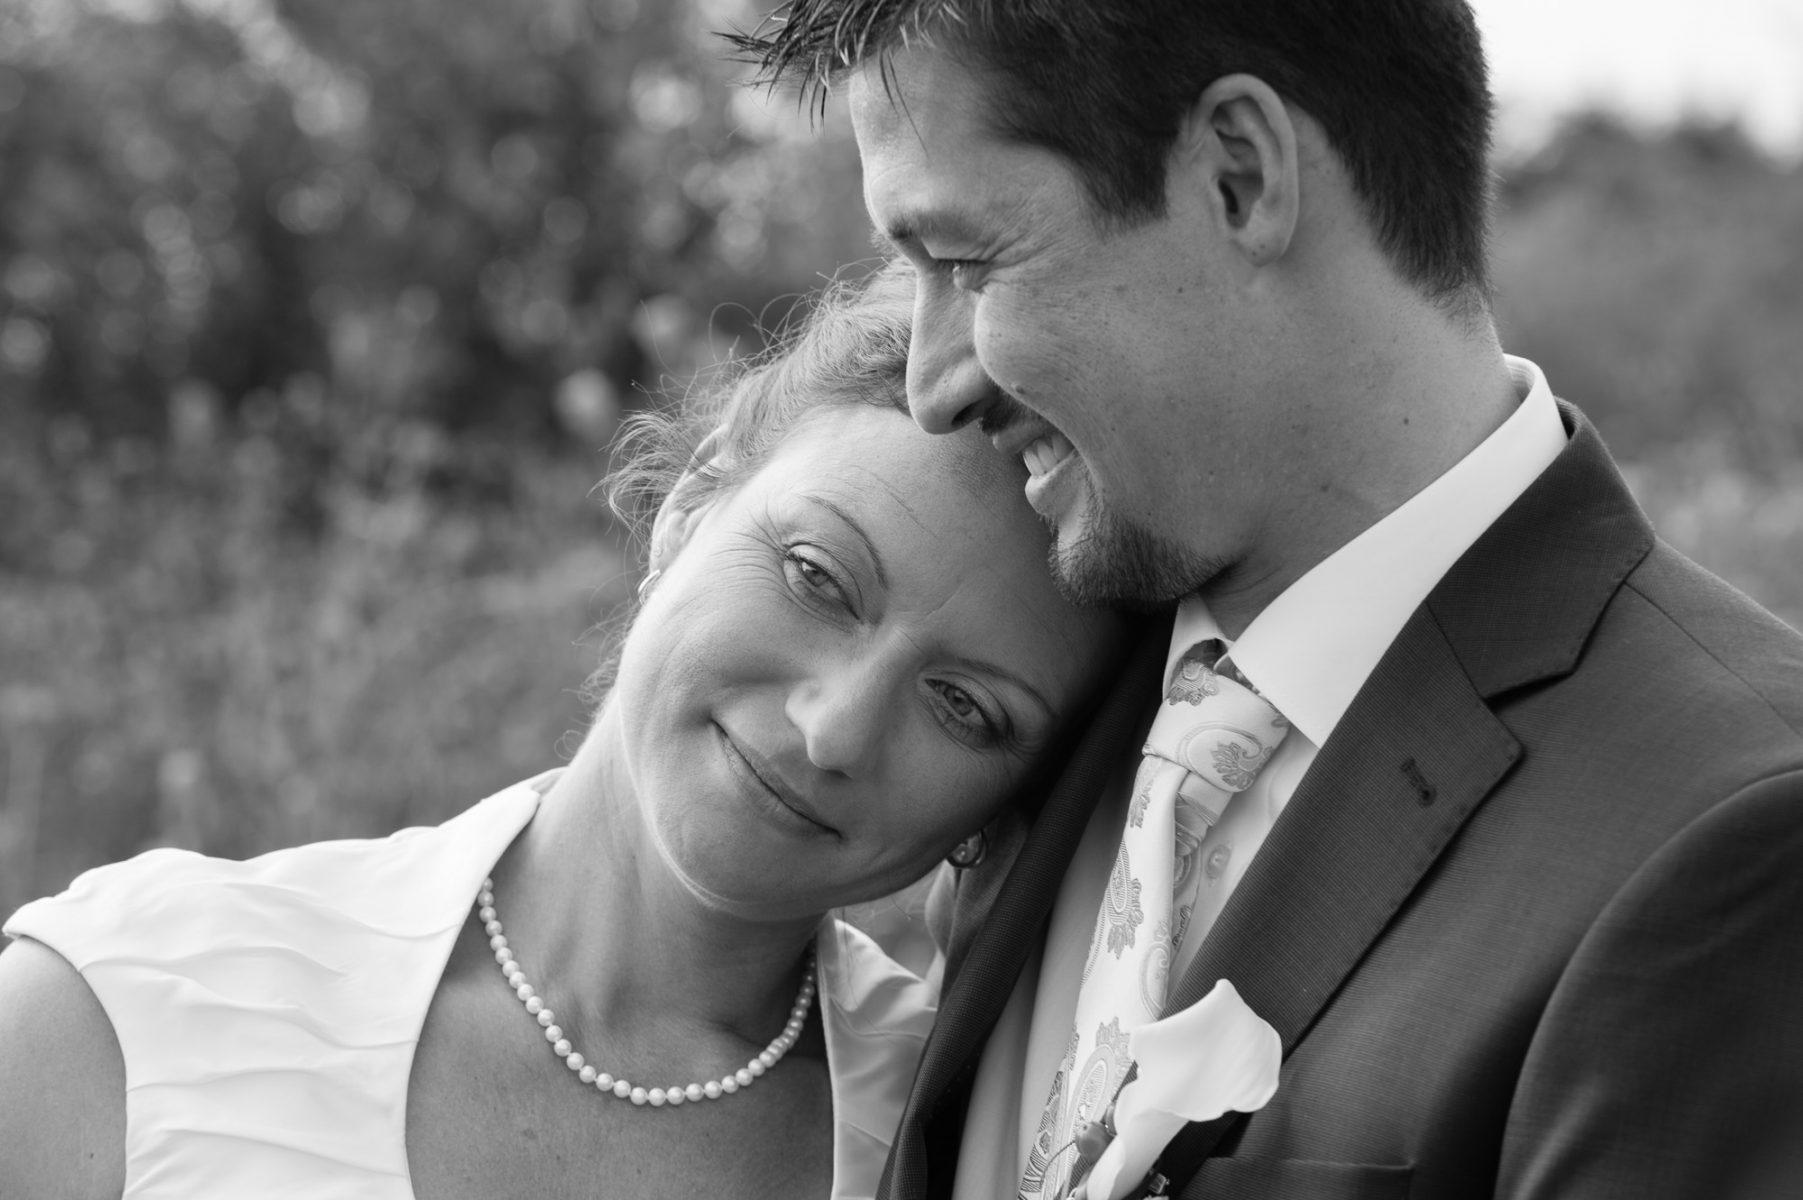 Hochzeit Paarfoto B2000  4744 1803x1200 - ZWEISAM